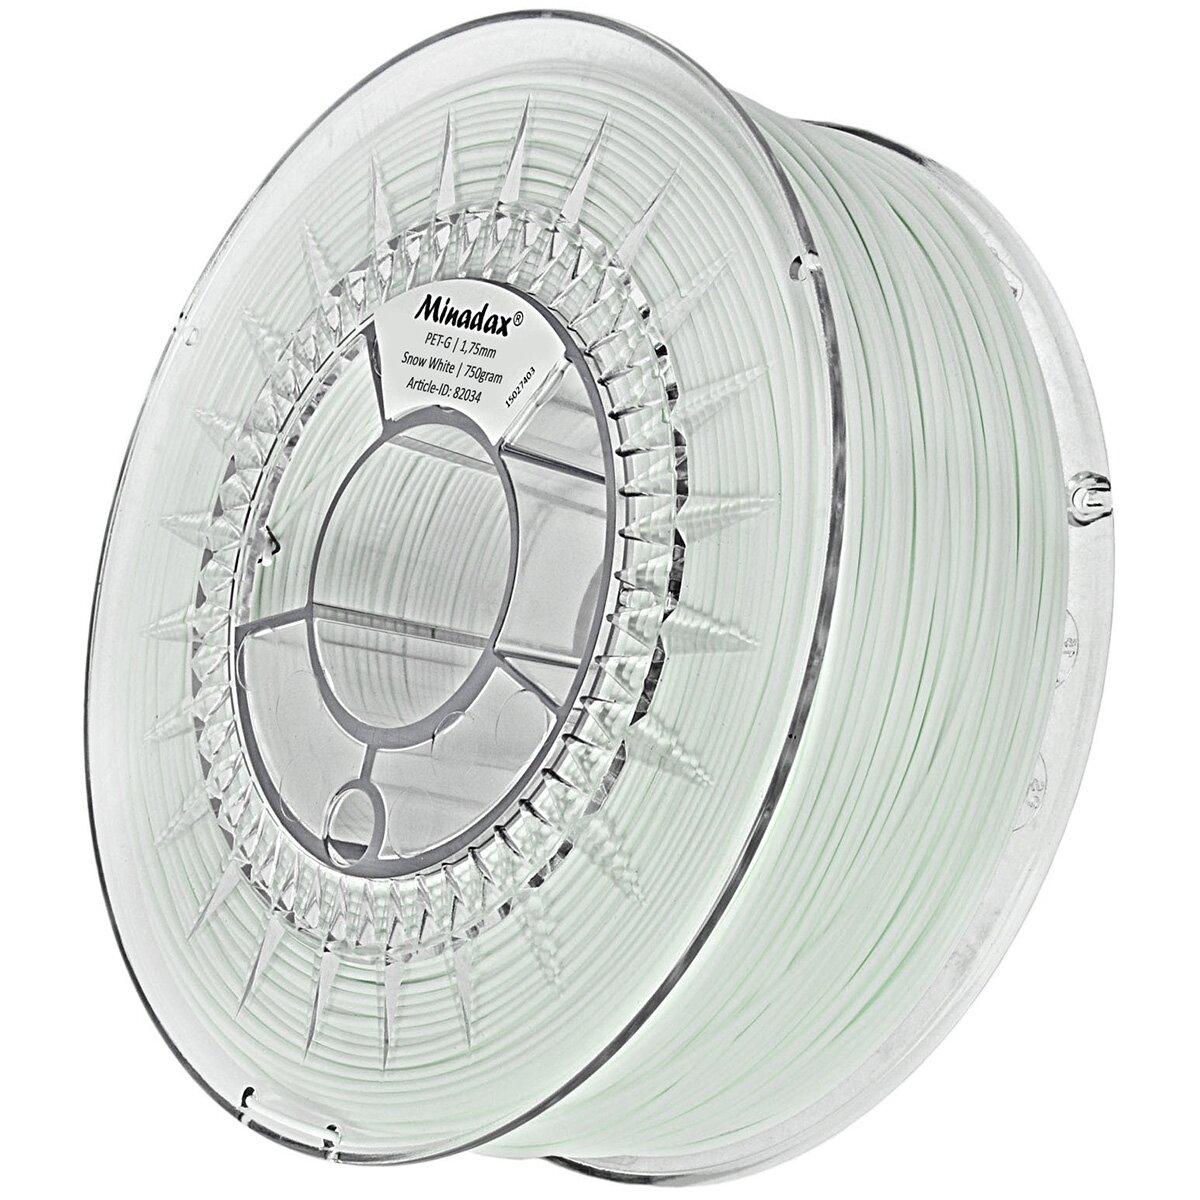 Minadax® 0,75kg Premium Qualität 1,75mm PET-G Filament schneeweiß für 3D-Drucker hergestellt in Europa